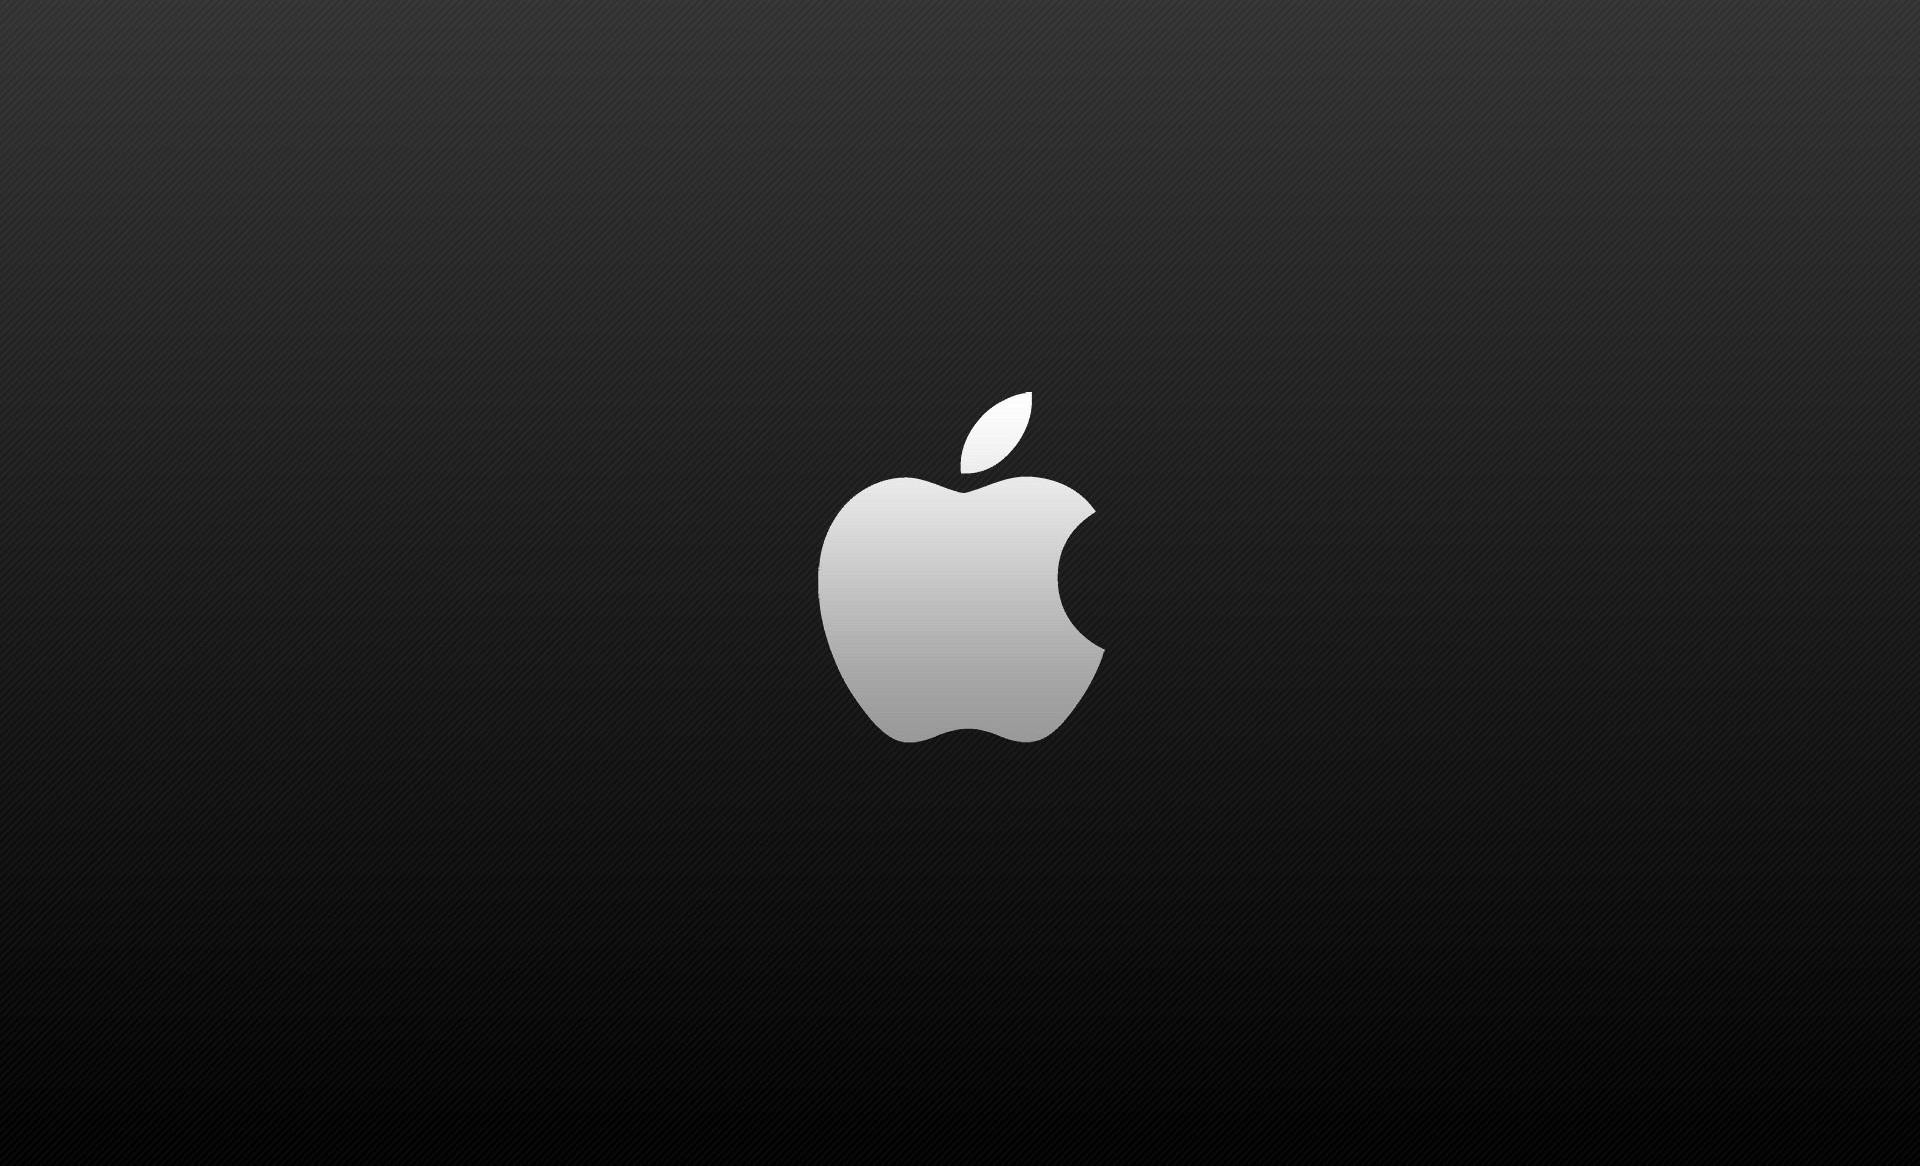 MacBook logo wallpapers HD